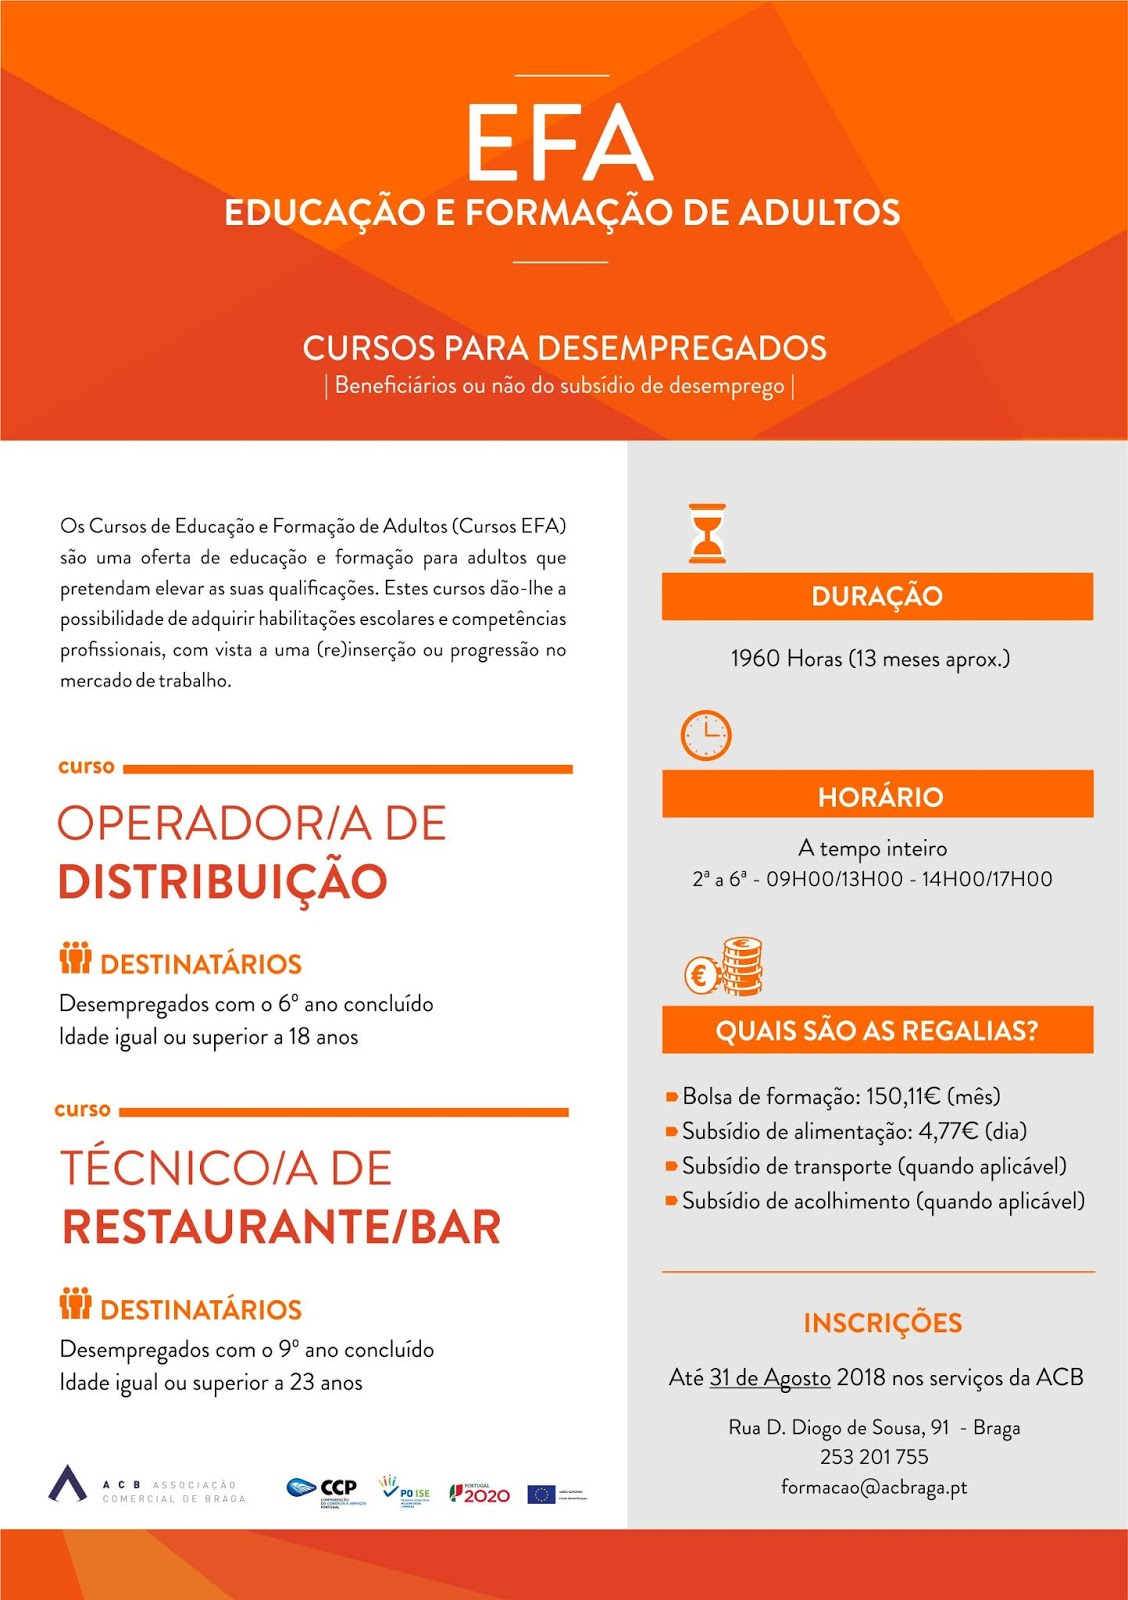 cursos efa financiados Braga